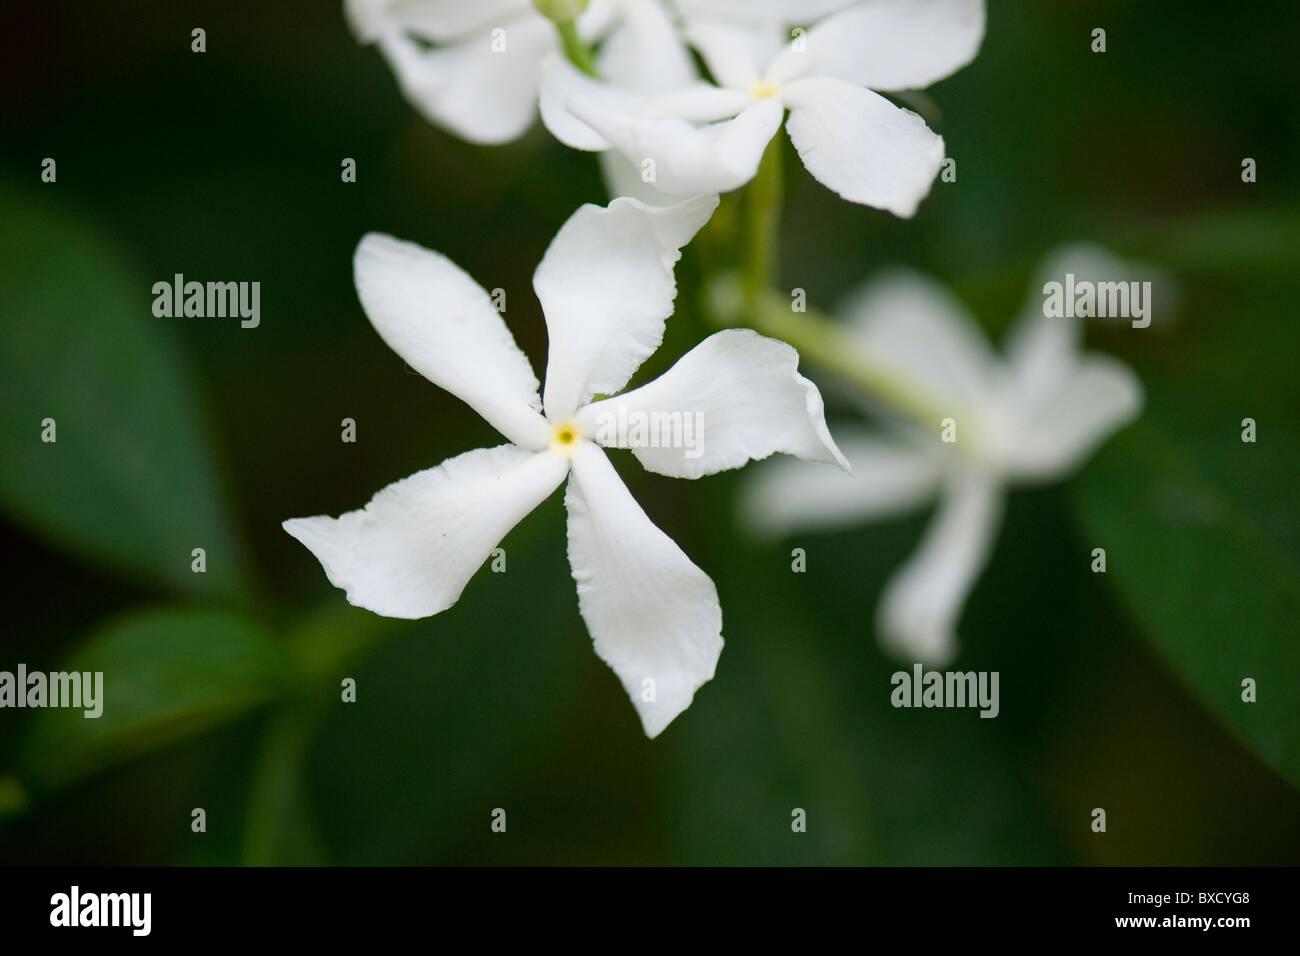 White Jasmine flower blossoms - Stock Image